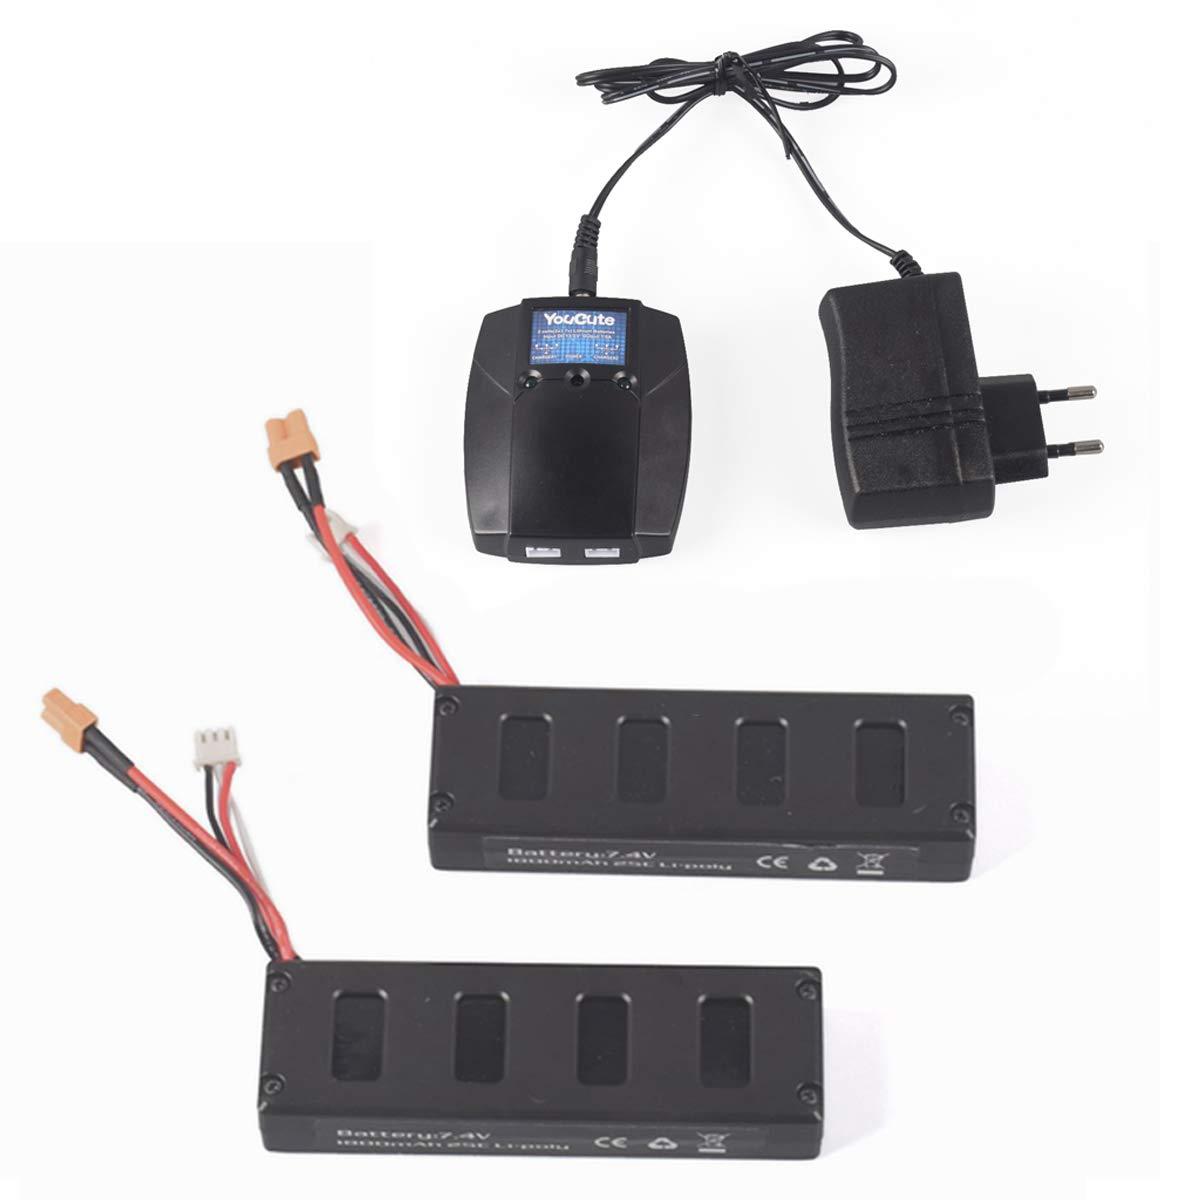 YouCute Batería de baterías de 1800 mAh. (2PCS Baterias + Cargador ...